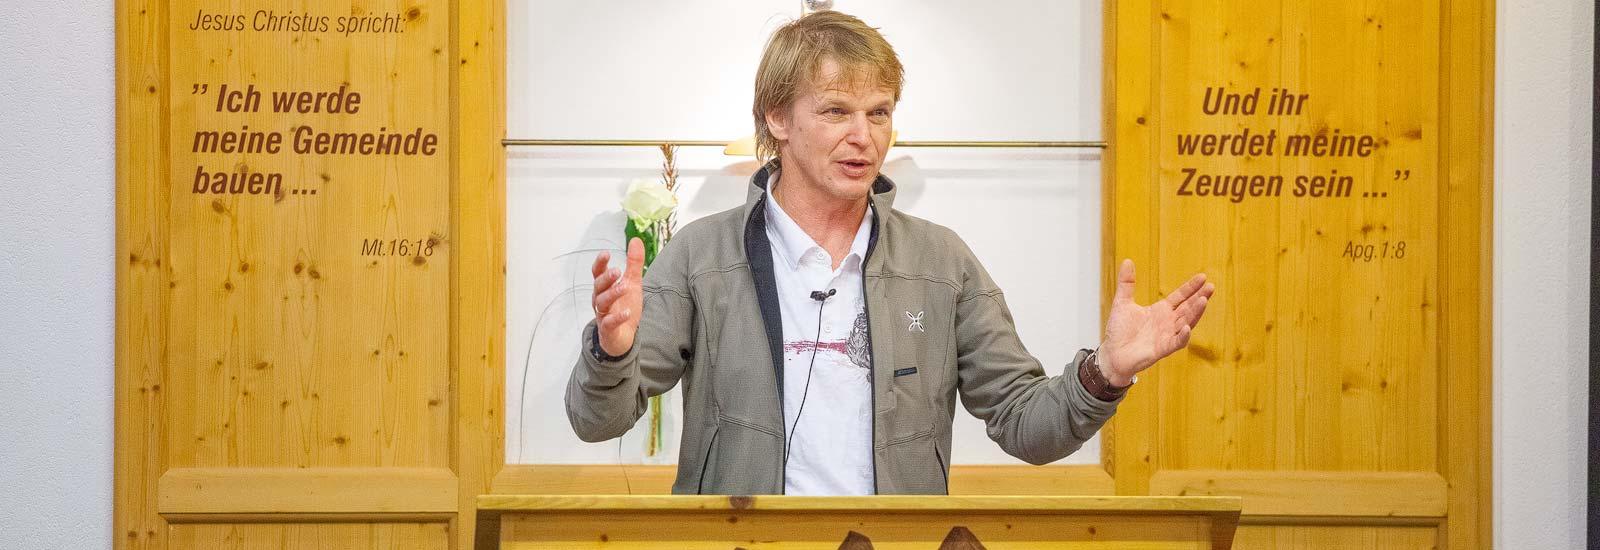 Hans Peter bei einem Vortrag am Tauernhof